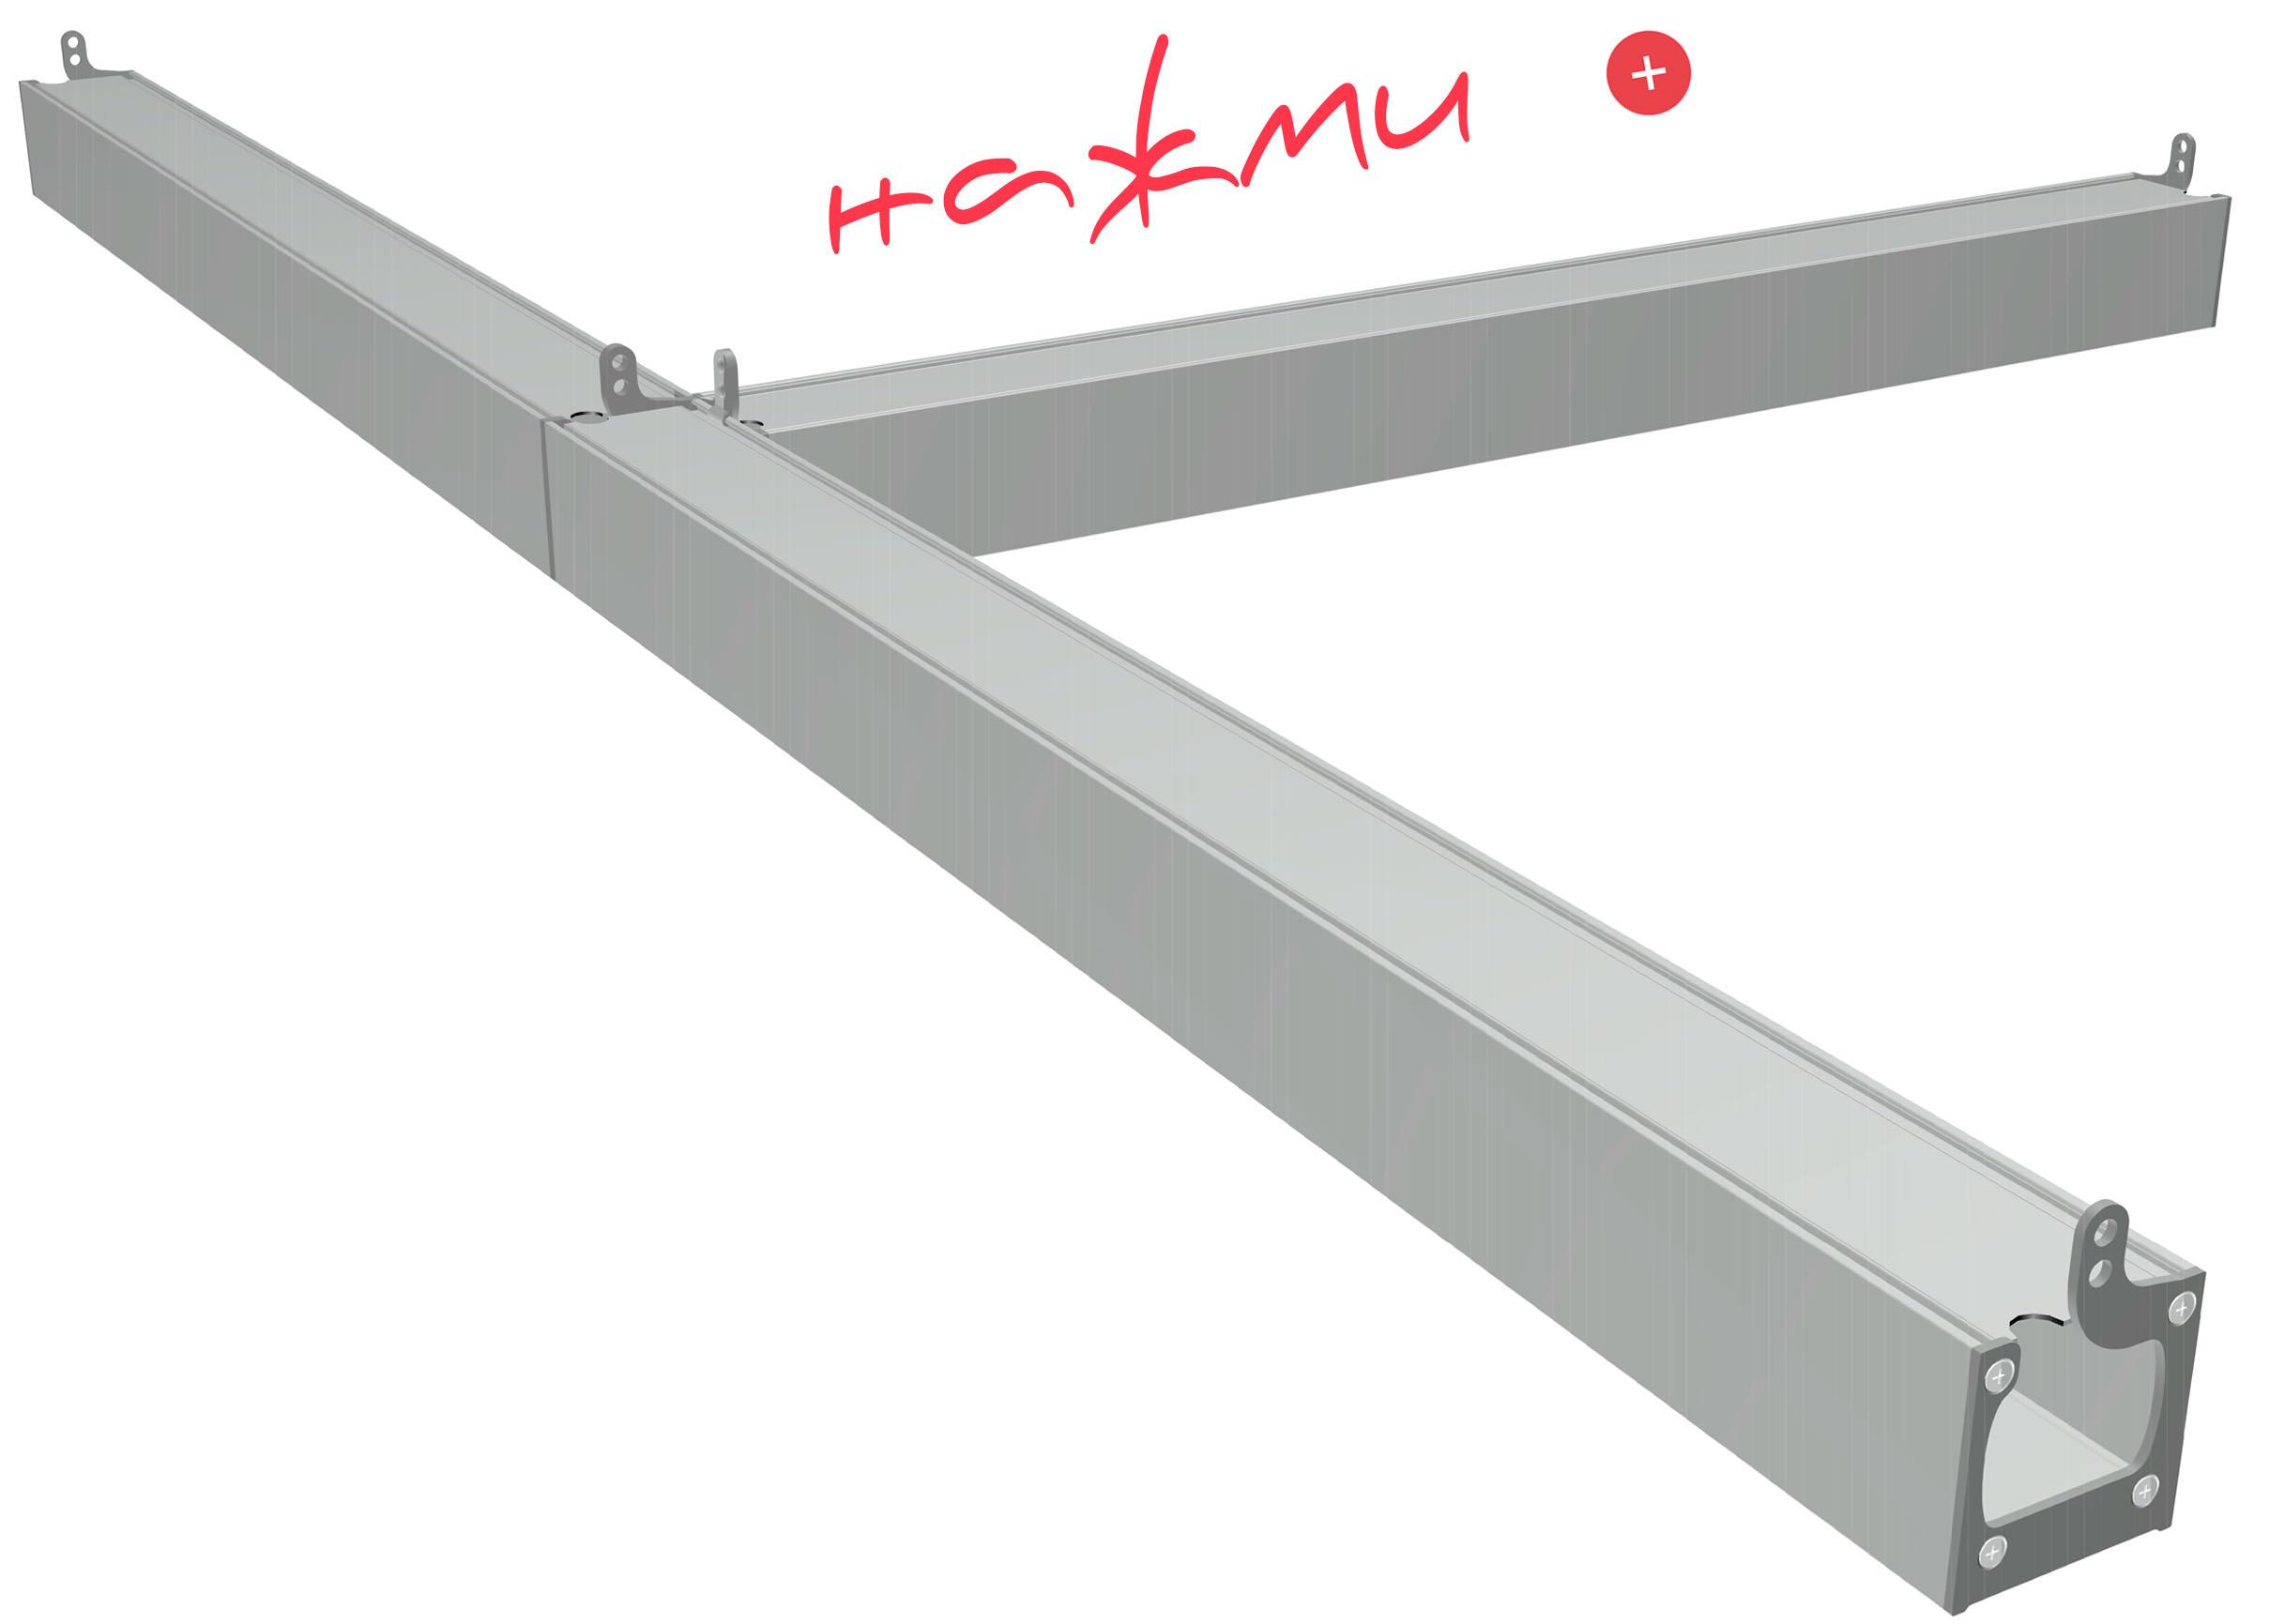 Новые светодиодные светильник ledz для торговых залов, светодиодный линейный светильник для ритейла